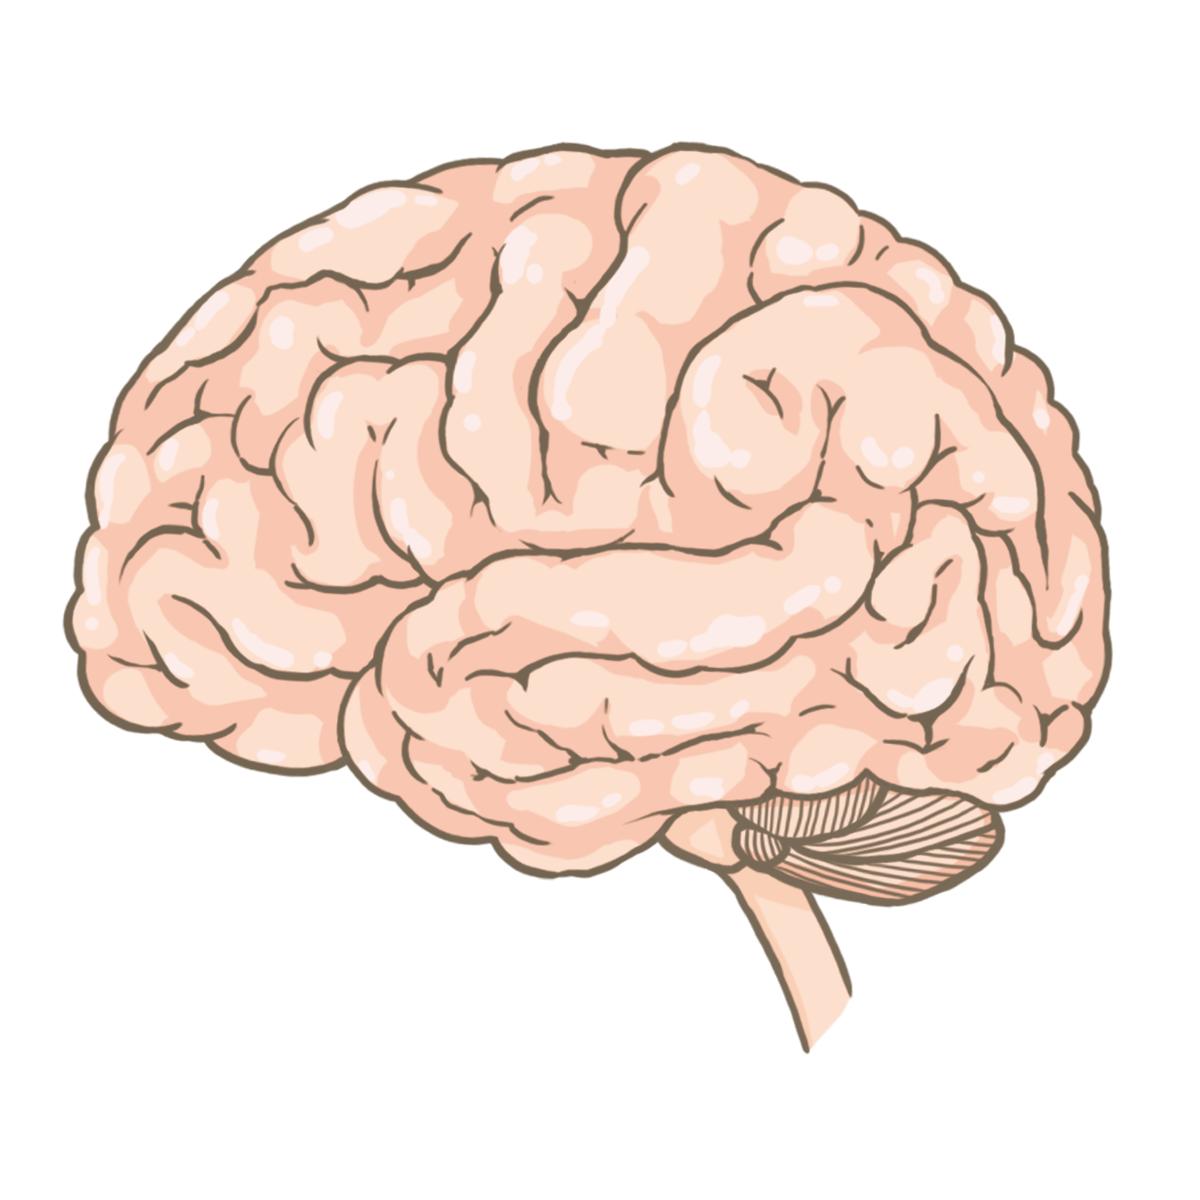 脳のイラストフリー素材看護rooカンゴルー